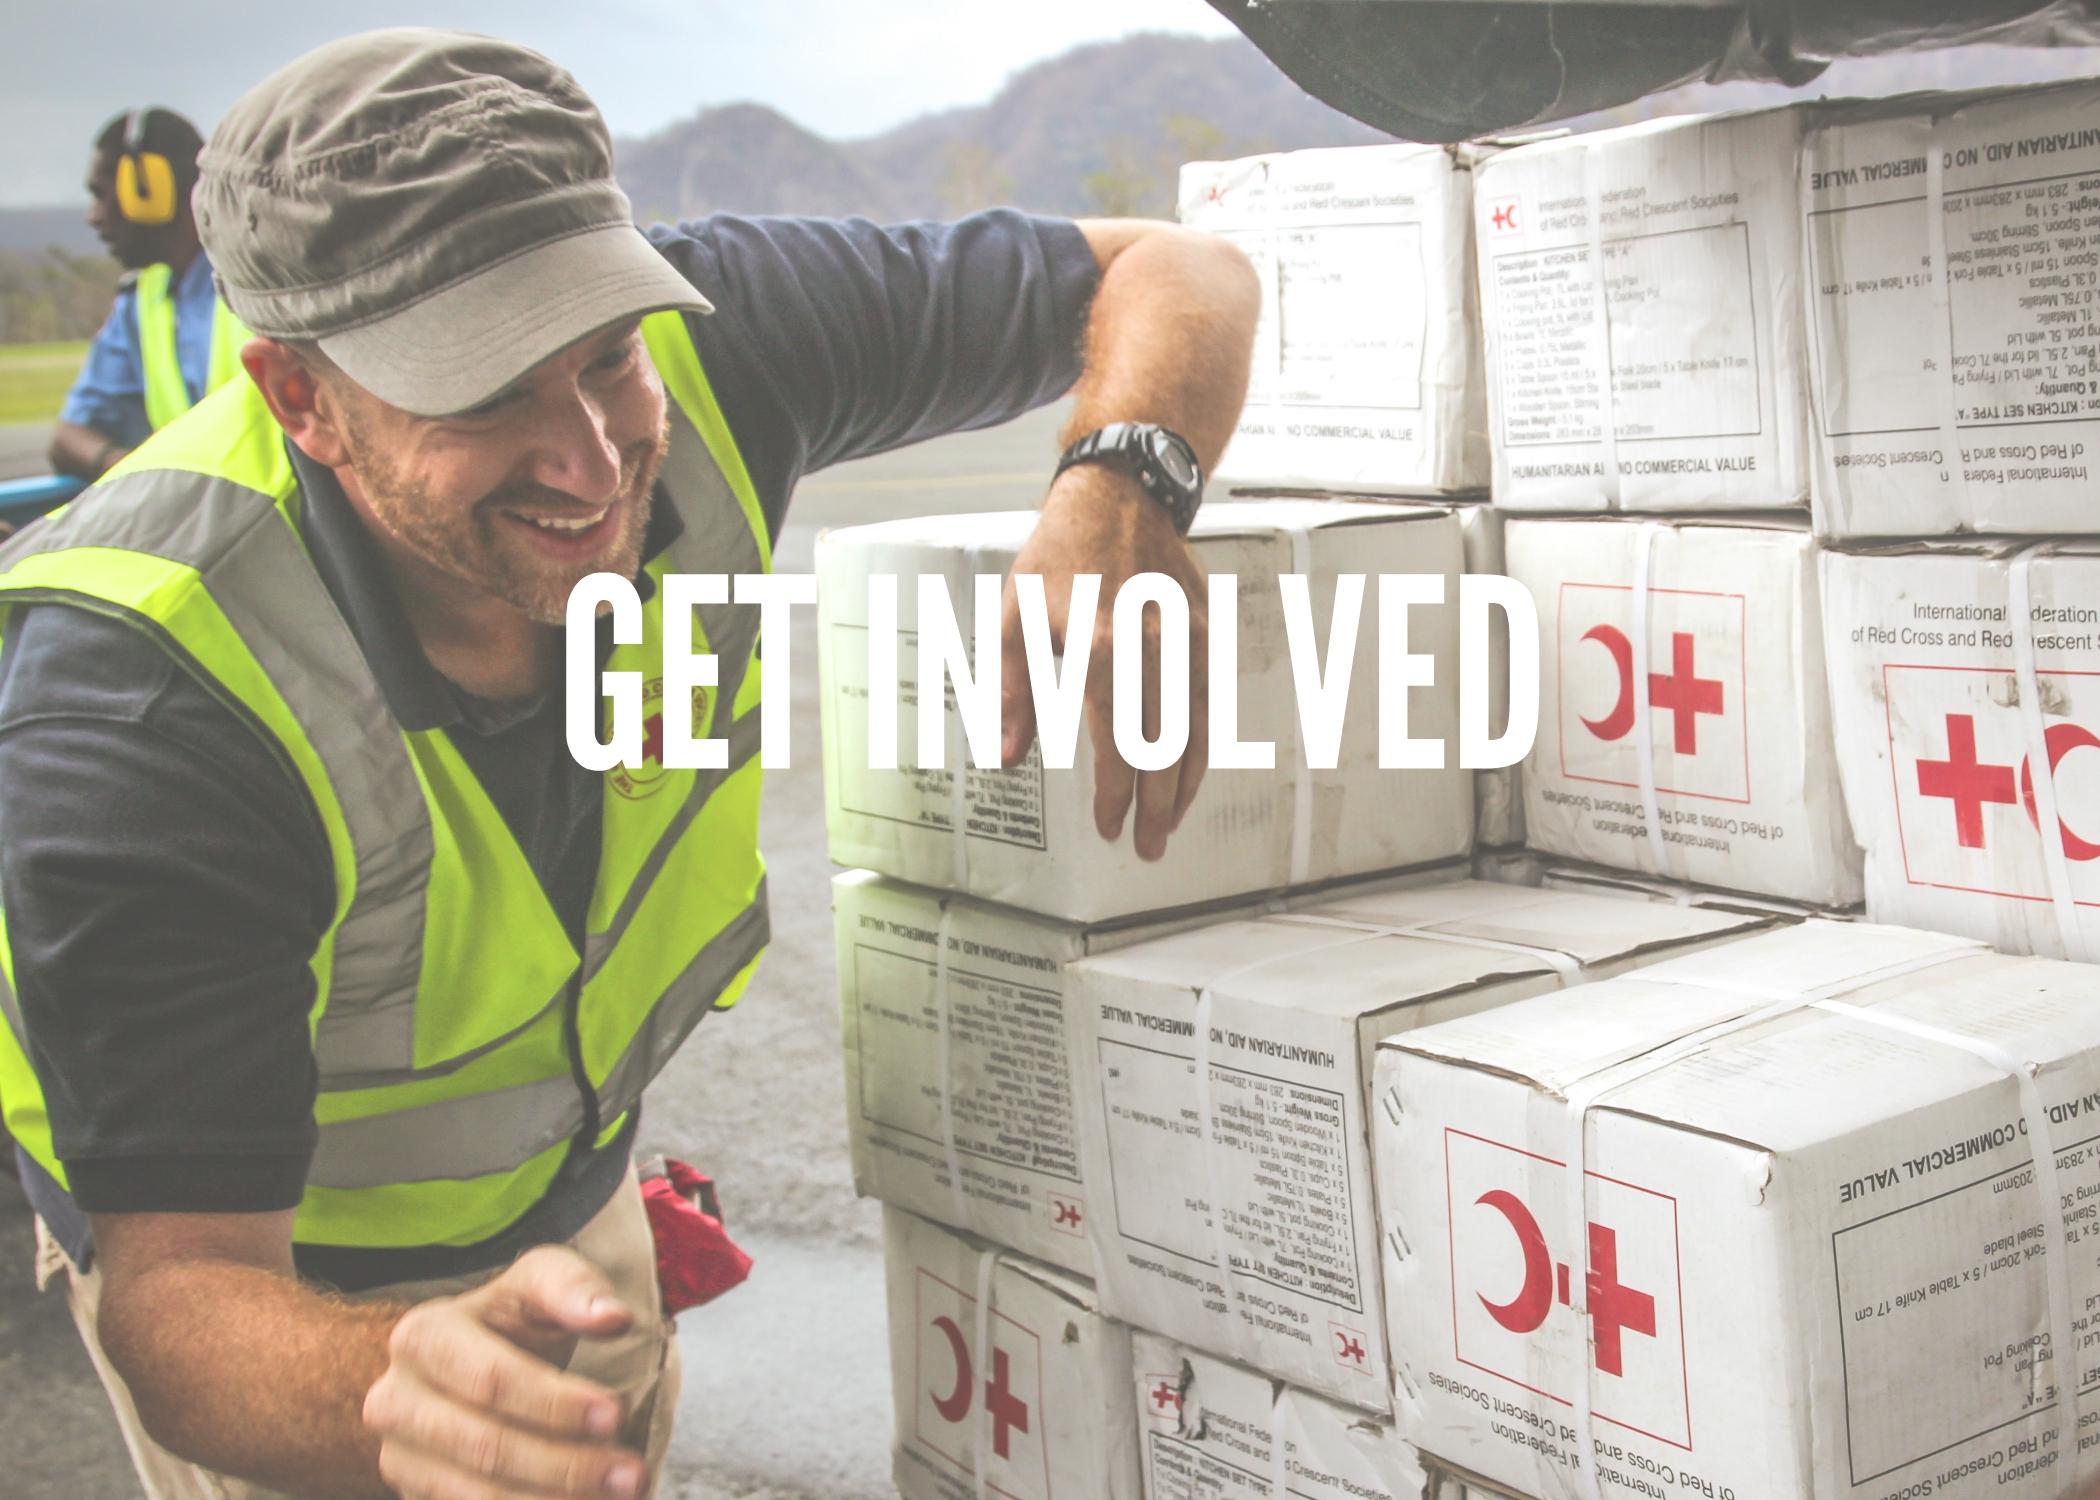 Get involved 1.jpg